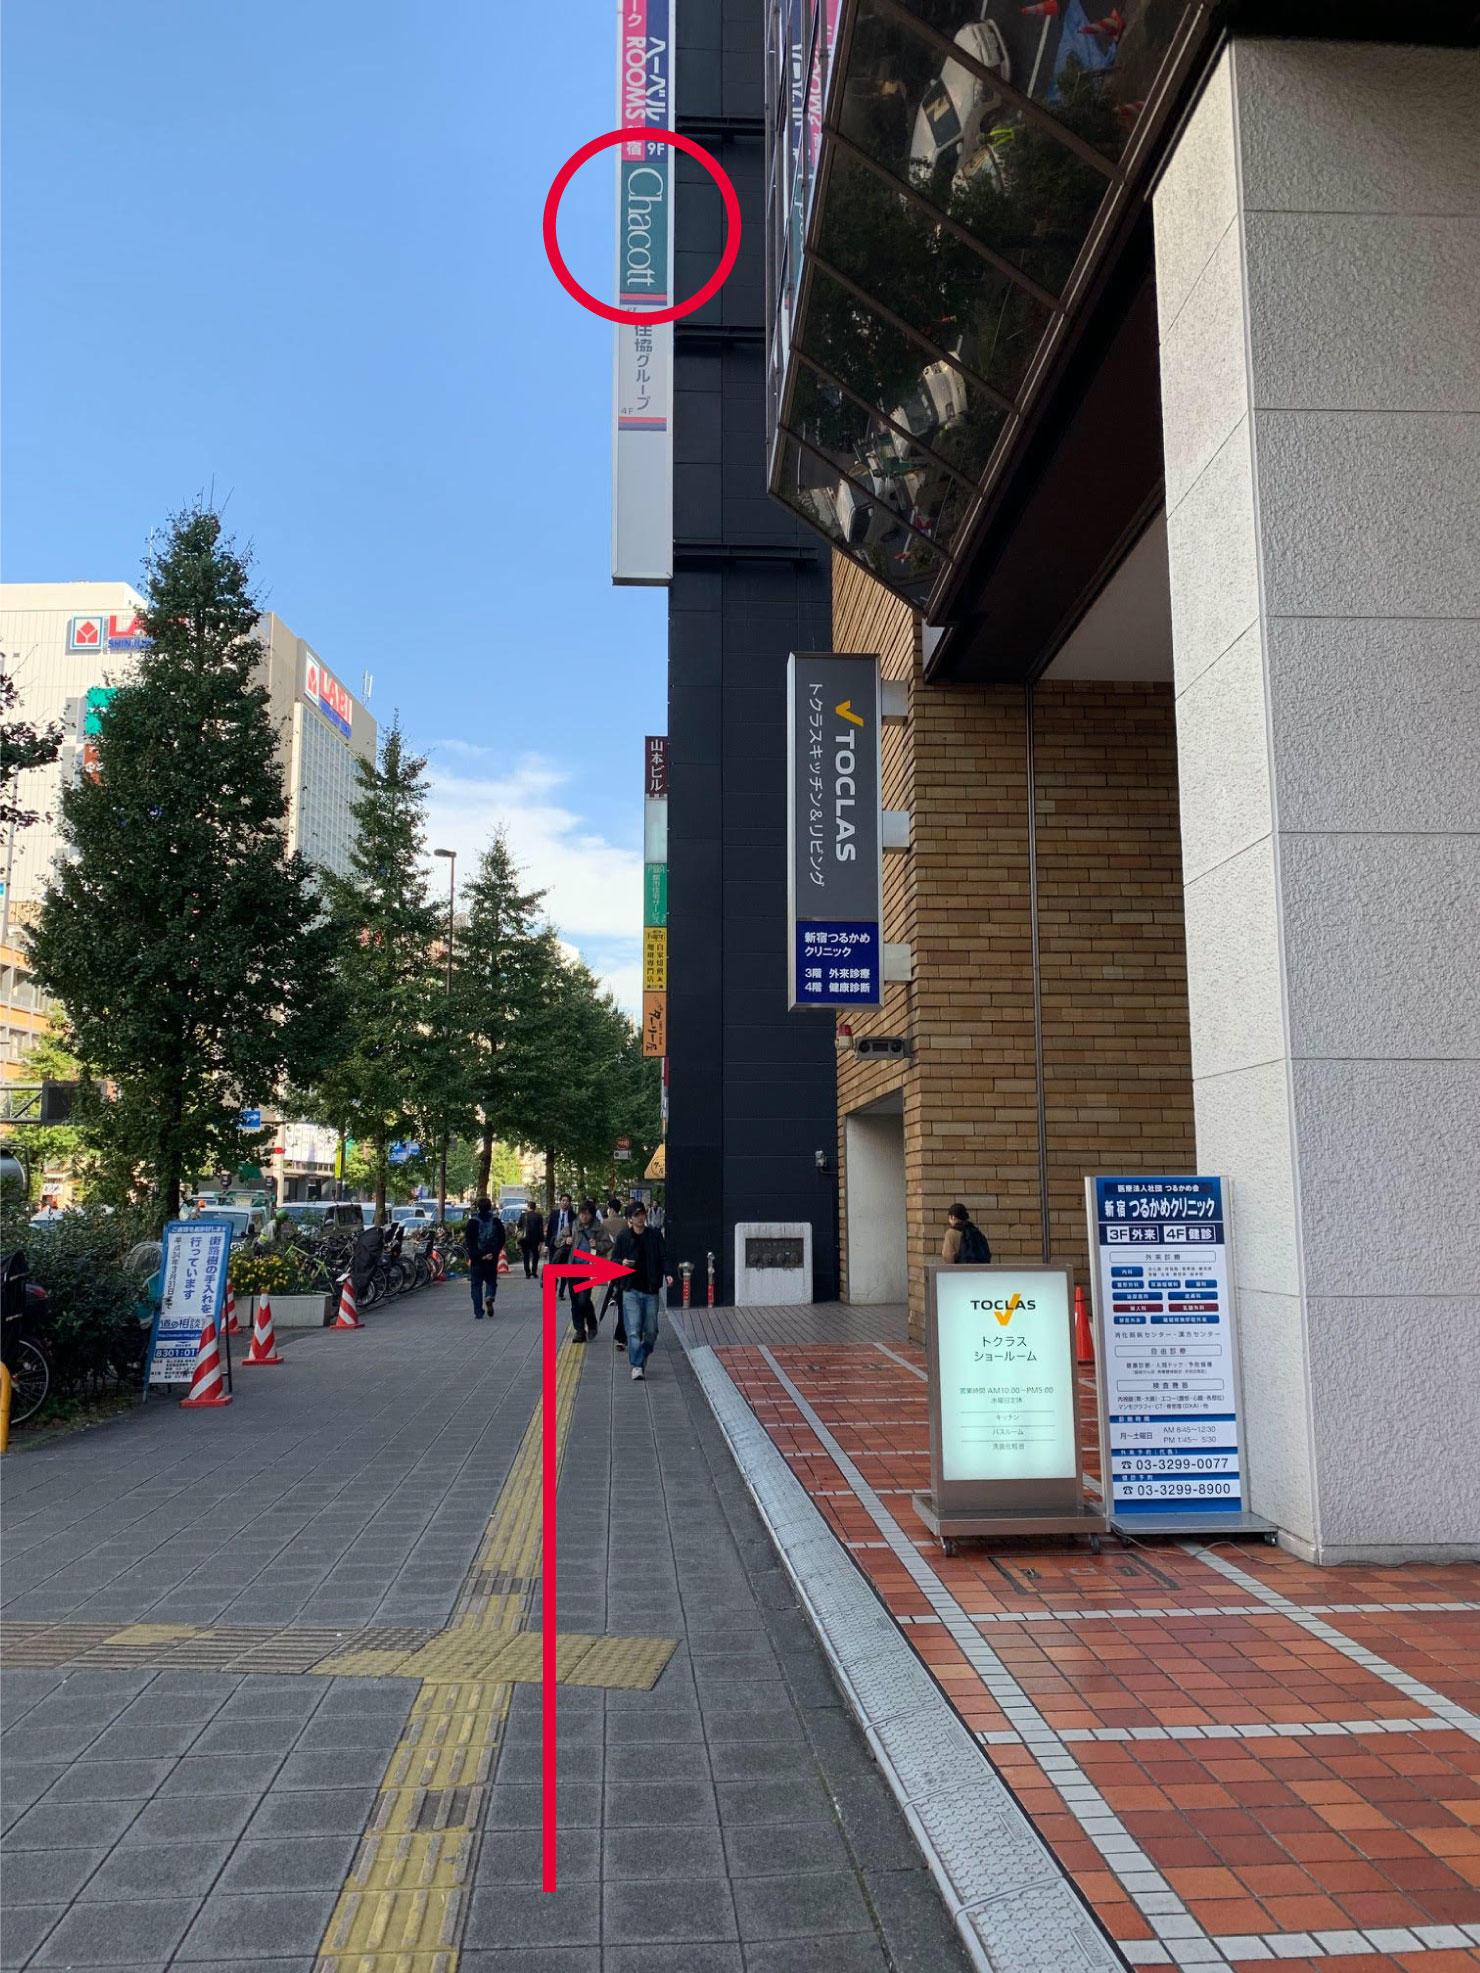 shinjuku_way_1120_02.jpg